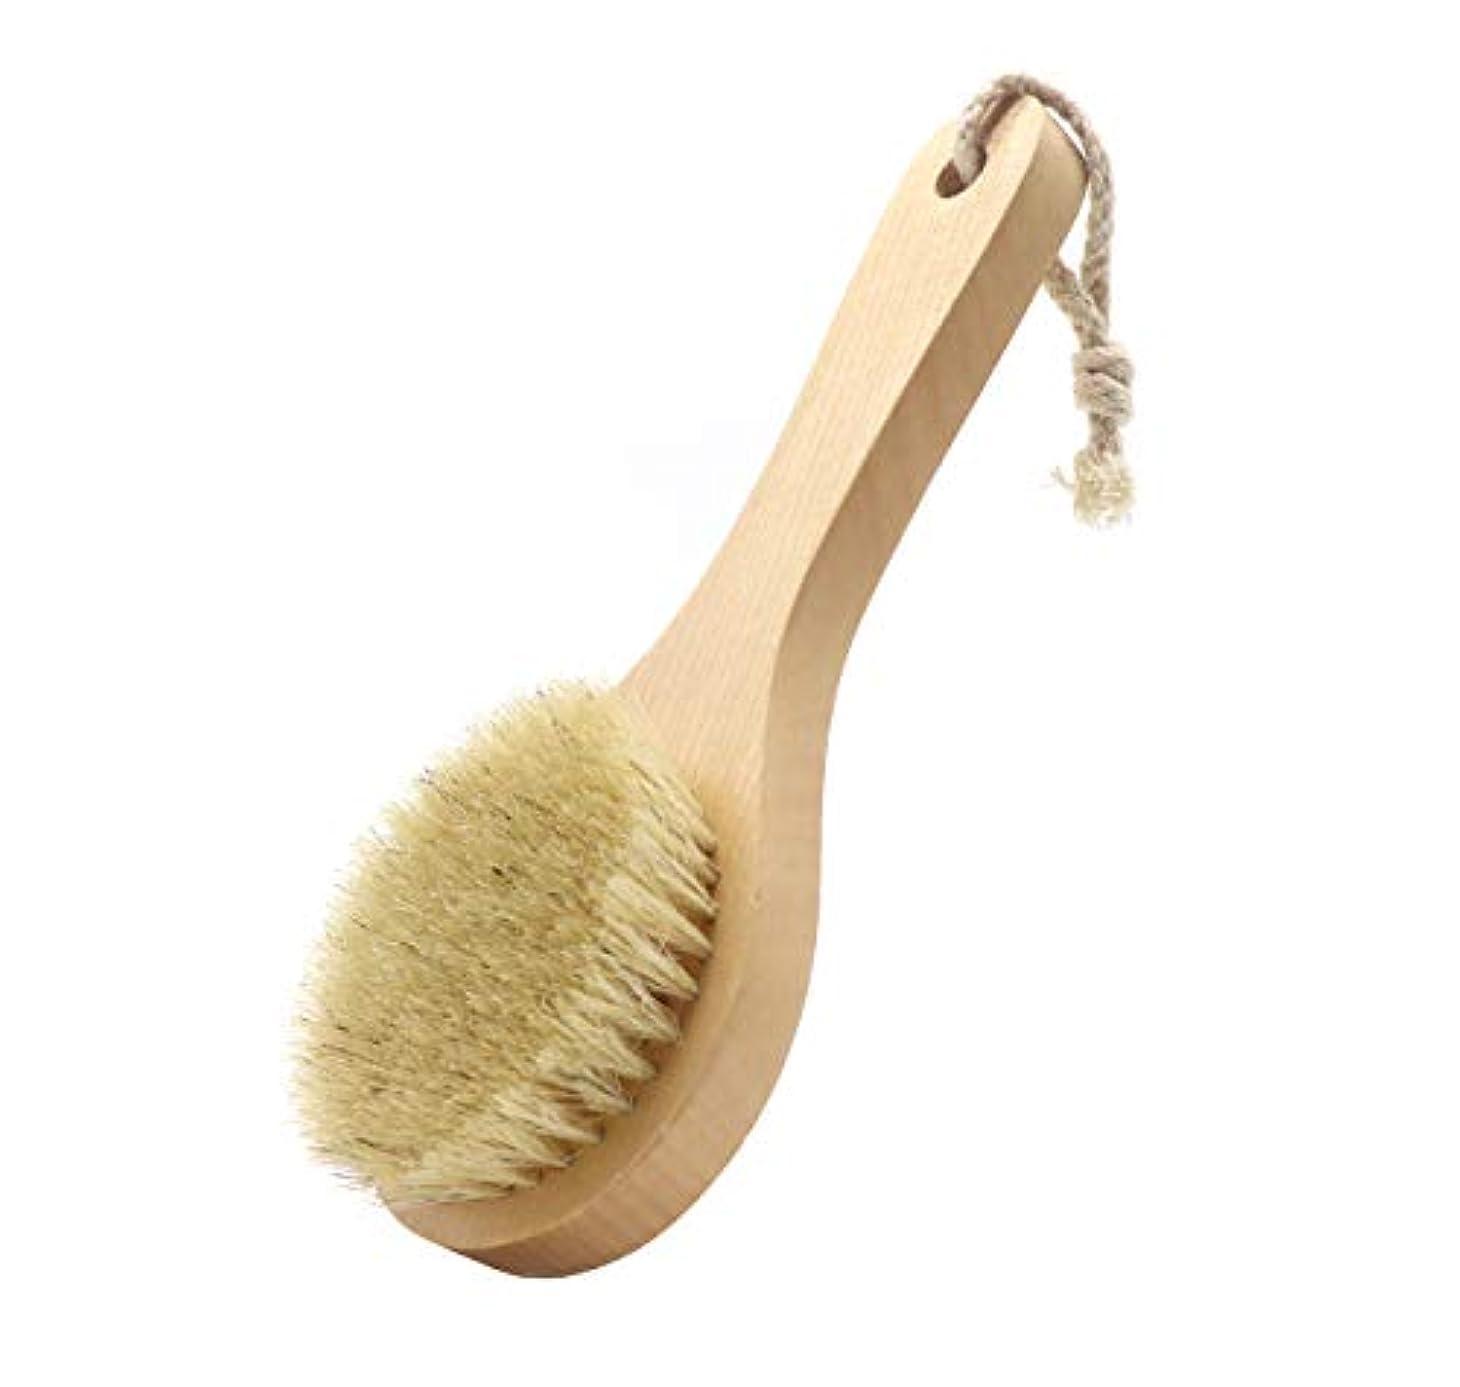 眼未接続取得するMaltose ボディブラシ 豚毛100% 木製 天然素材 短柄 硬め 足を洗う 体洗いブラシ 角質除去 美肌 お風呂グッズ (B:20 * 8CM)